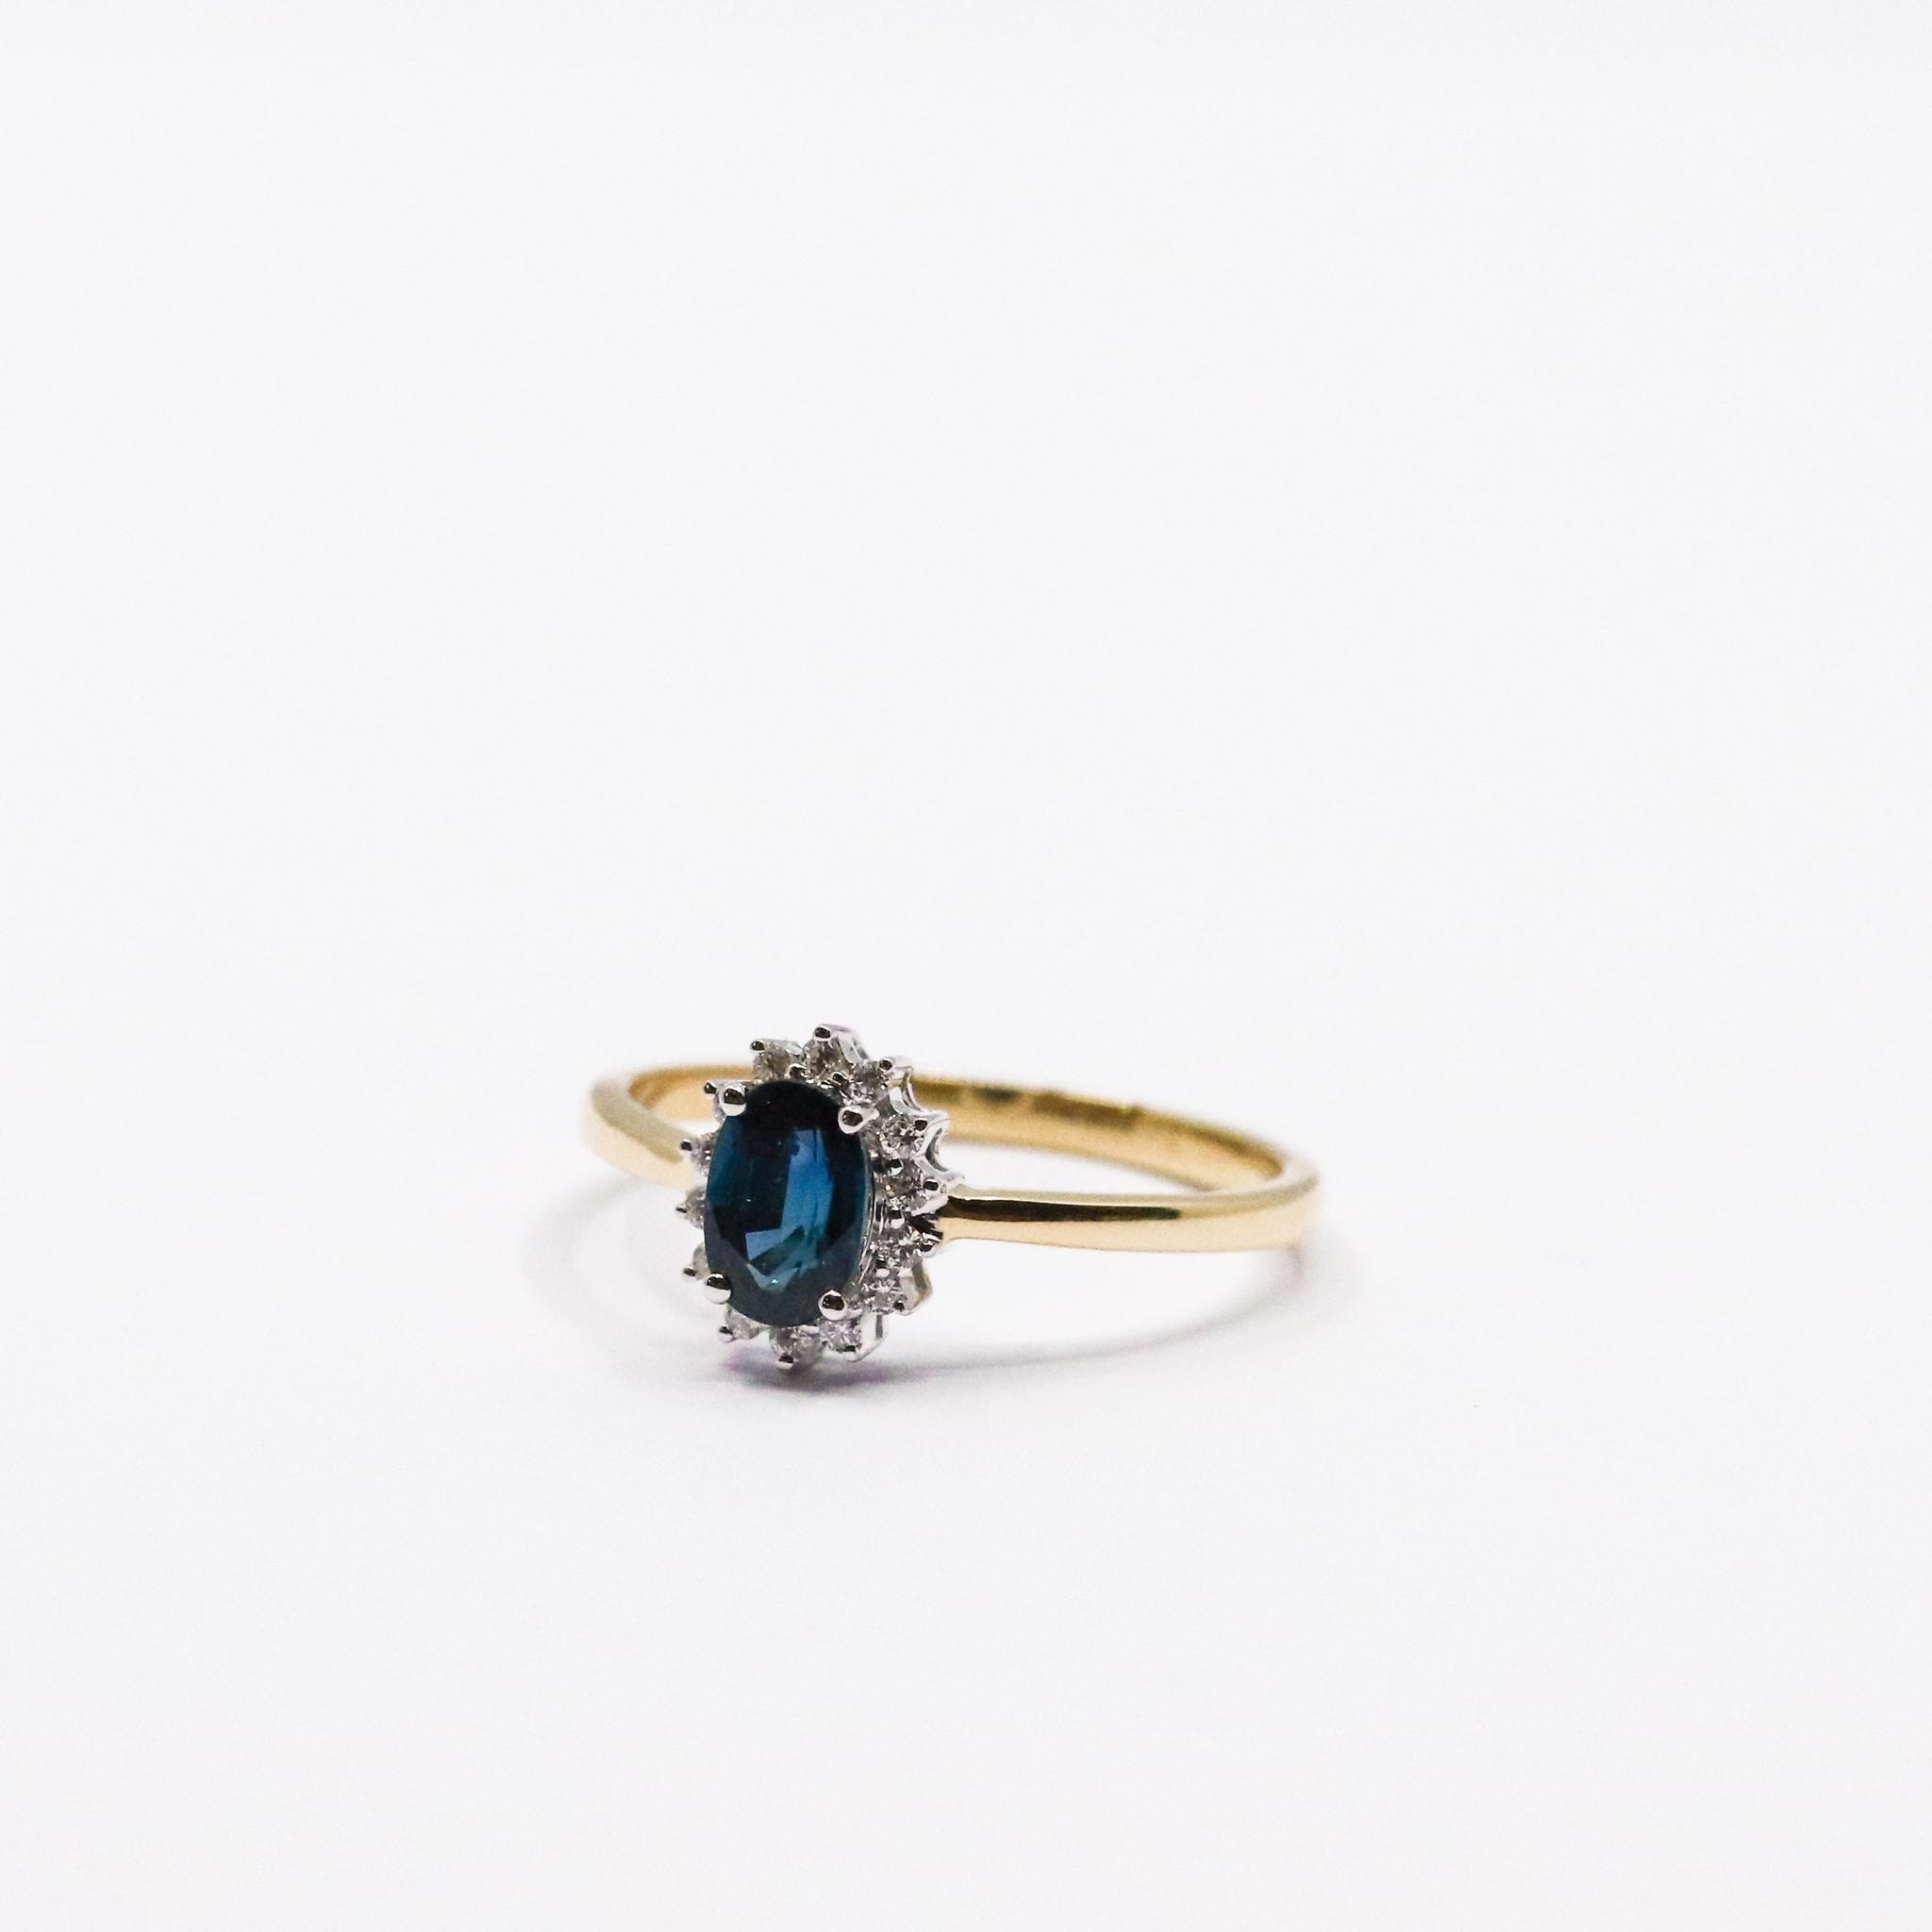 Ring ENTOURAGE, goud met saffier en diamanten-2